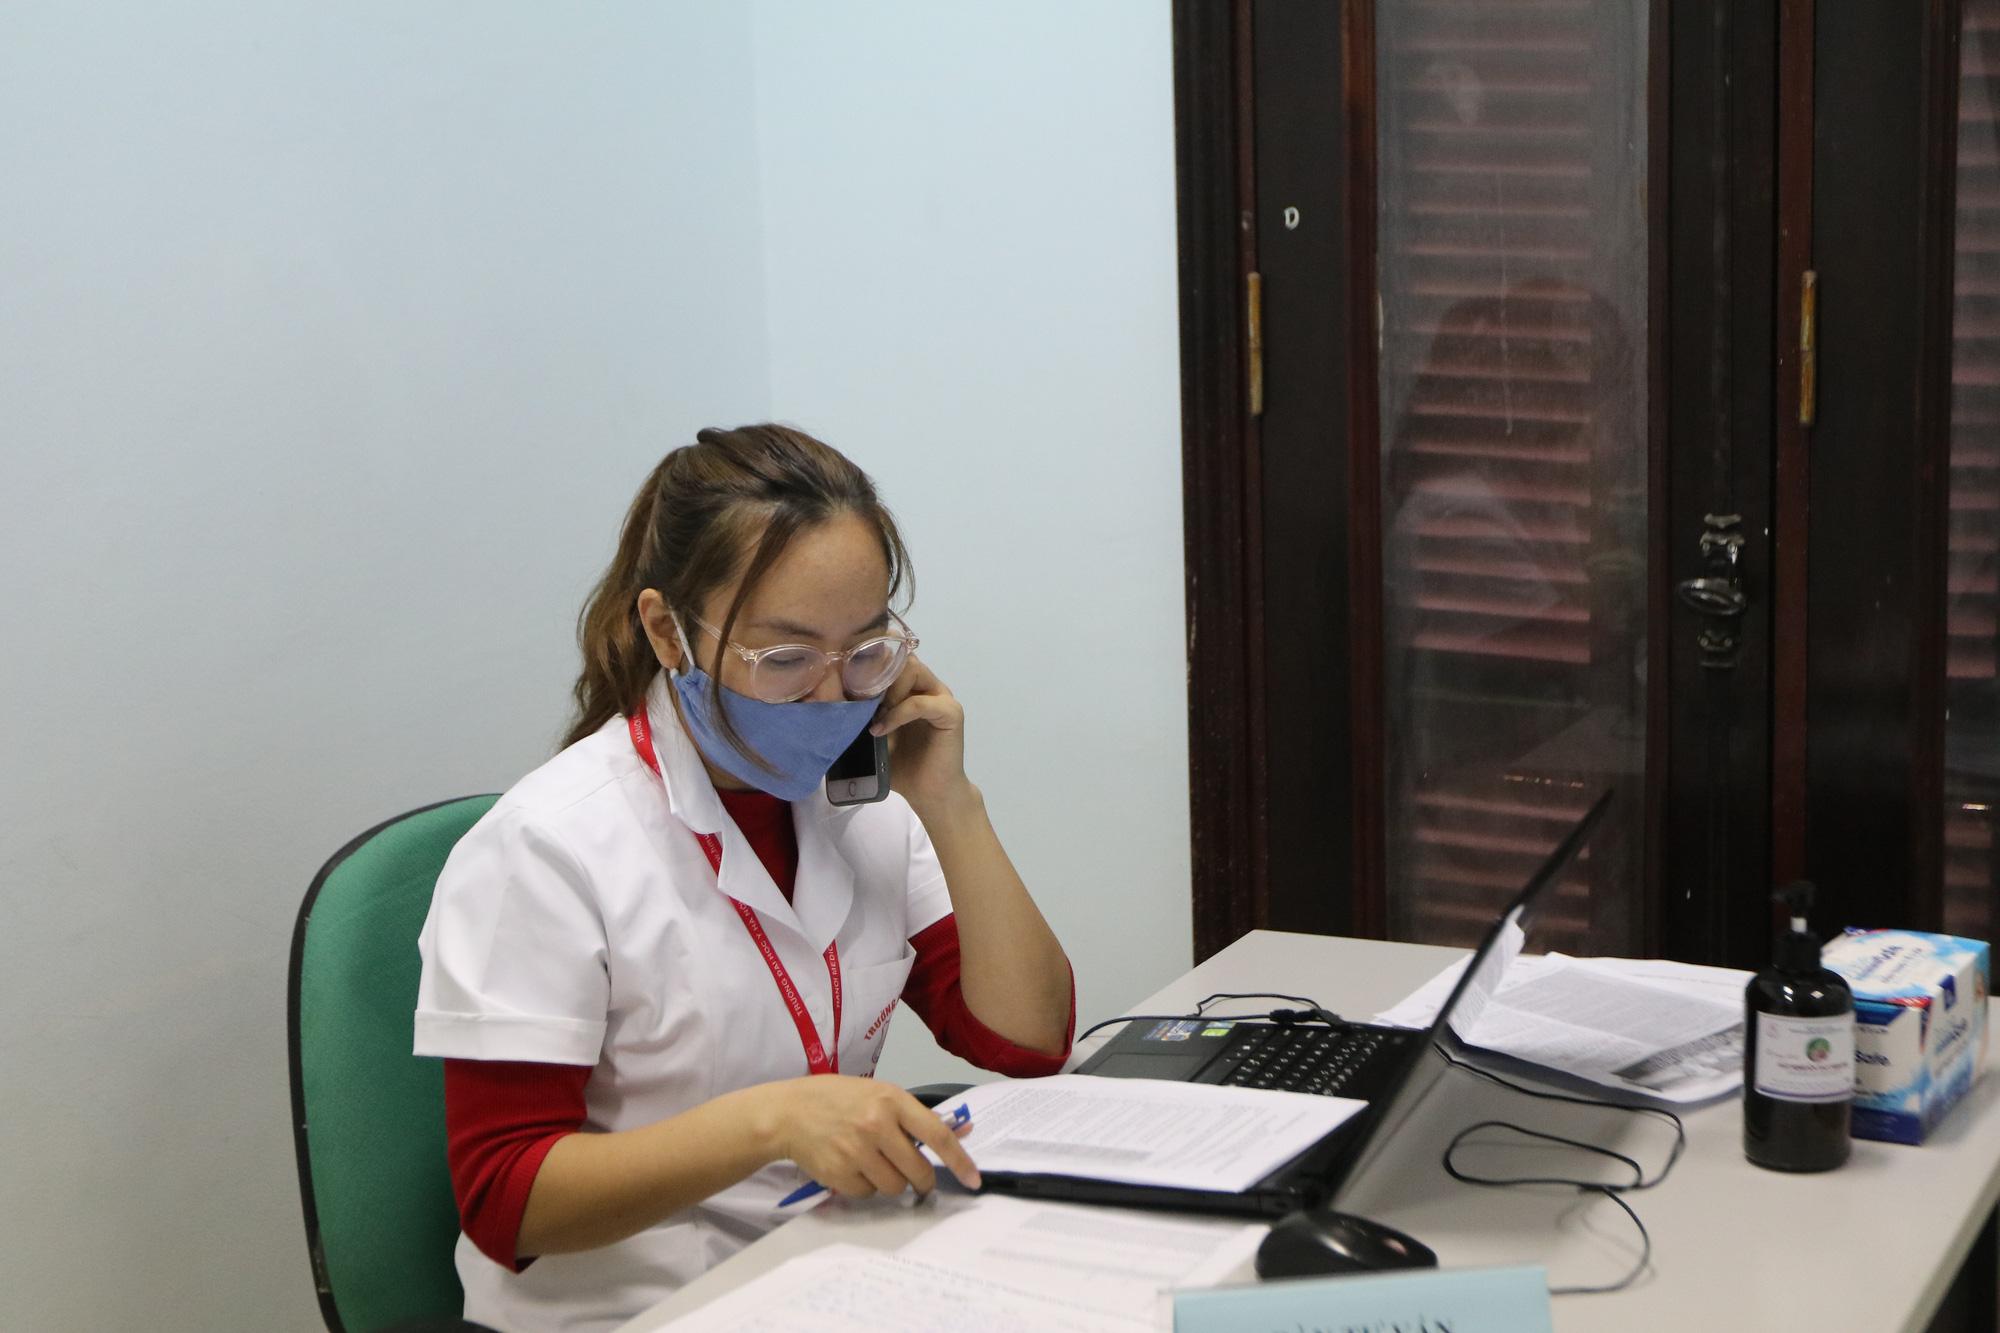 Bắt đầu tuyển tình nguyện viên thử nghiệm vắc xin điều trị Covid-19 thứ 2 của Việt Nam COVIVAC - Ảnh 6.